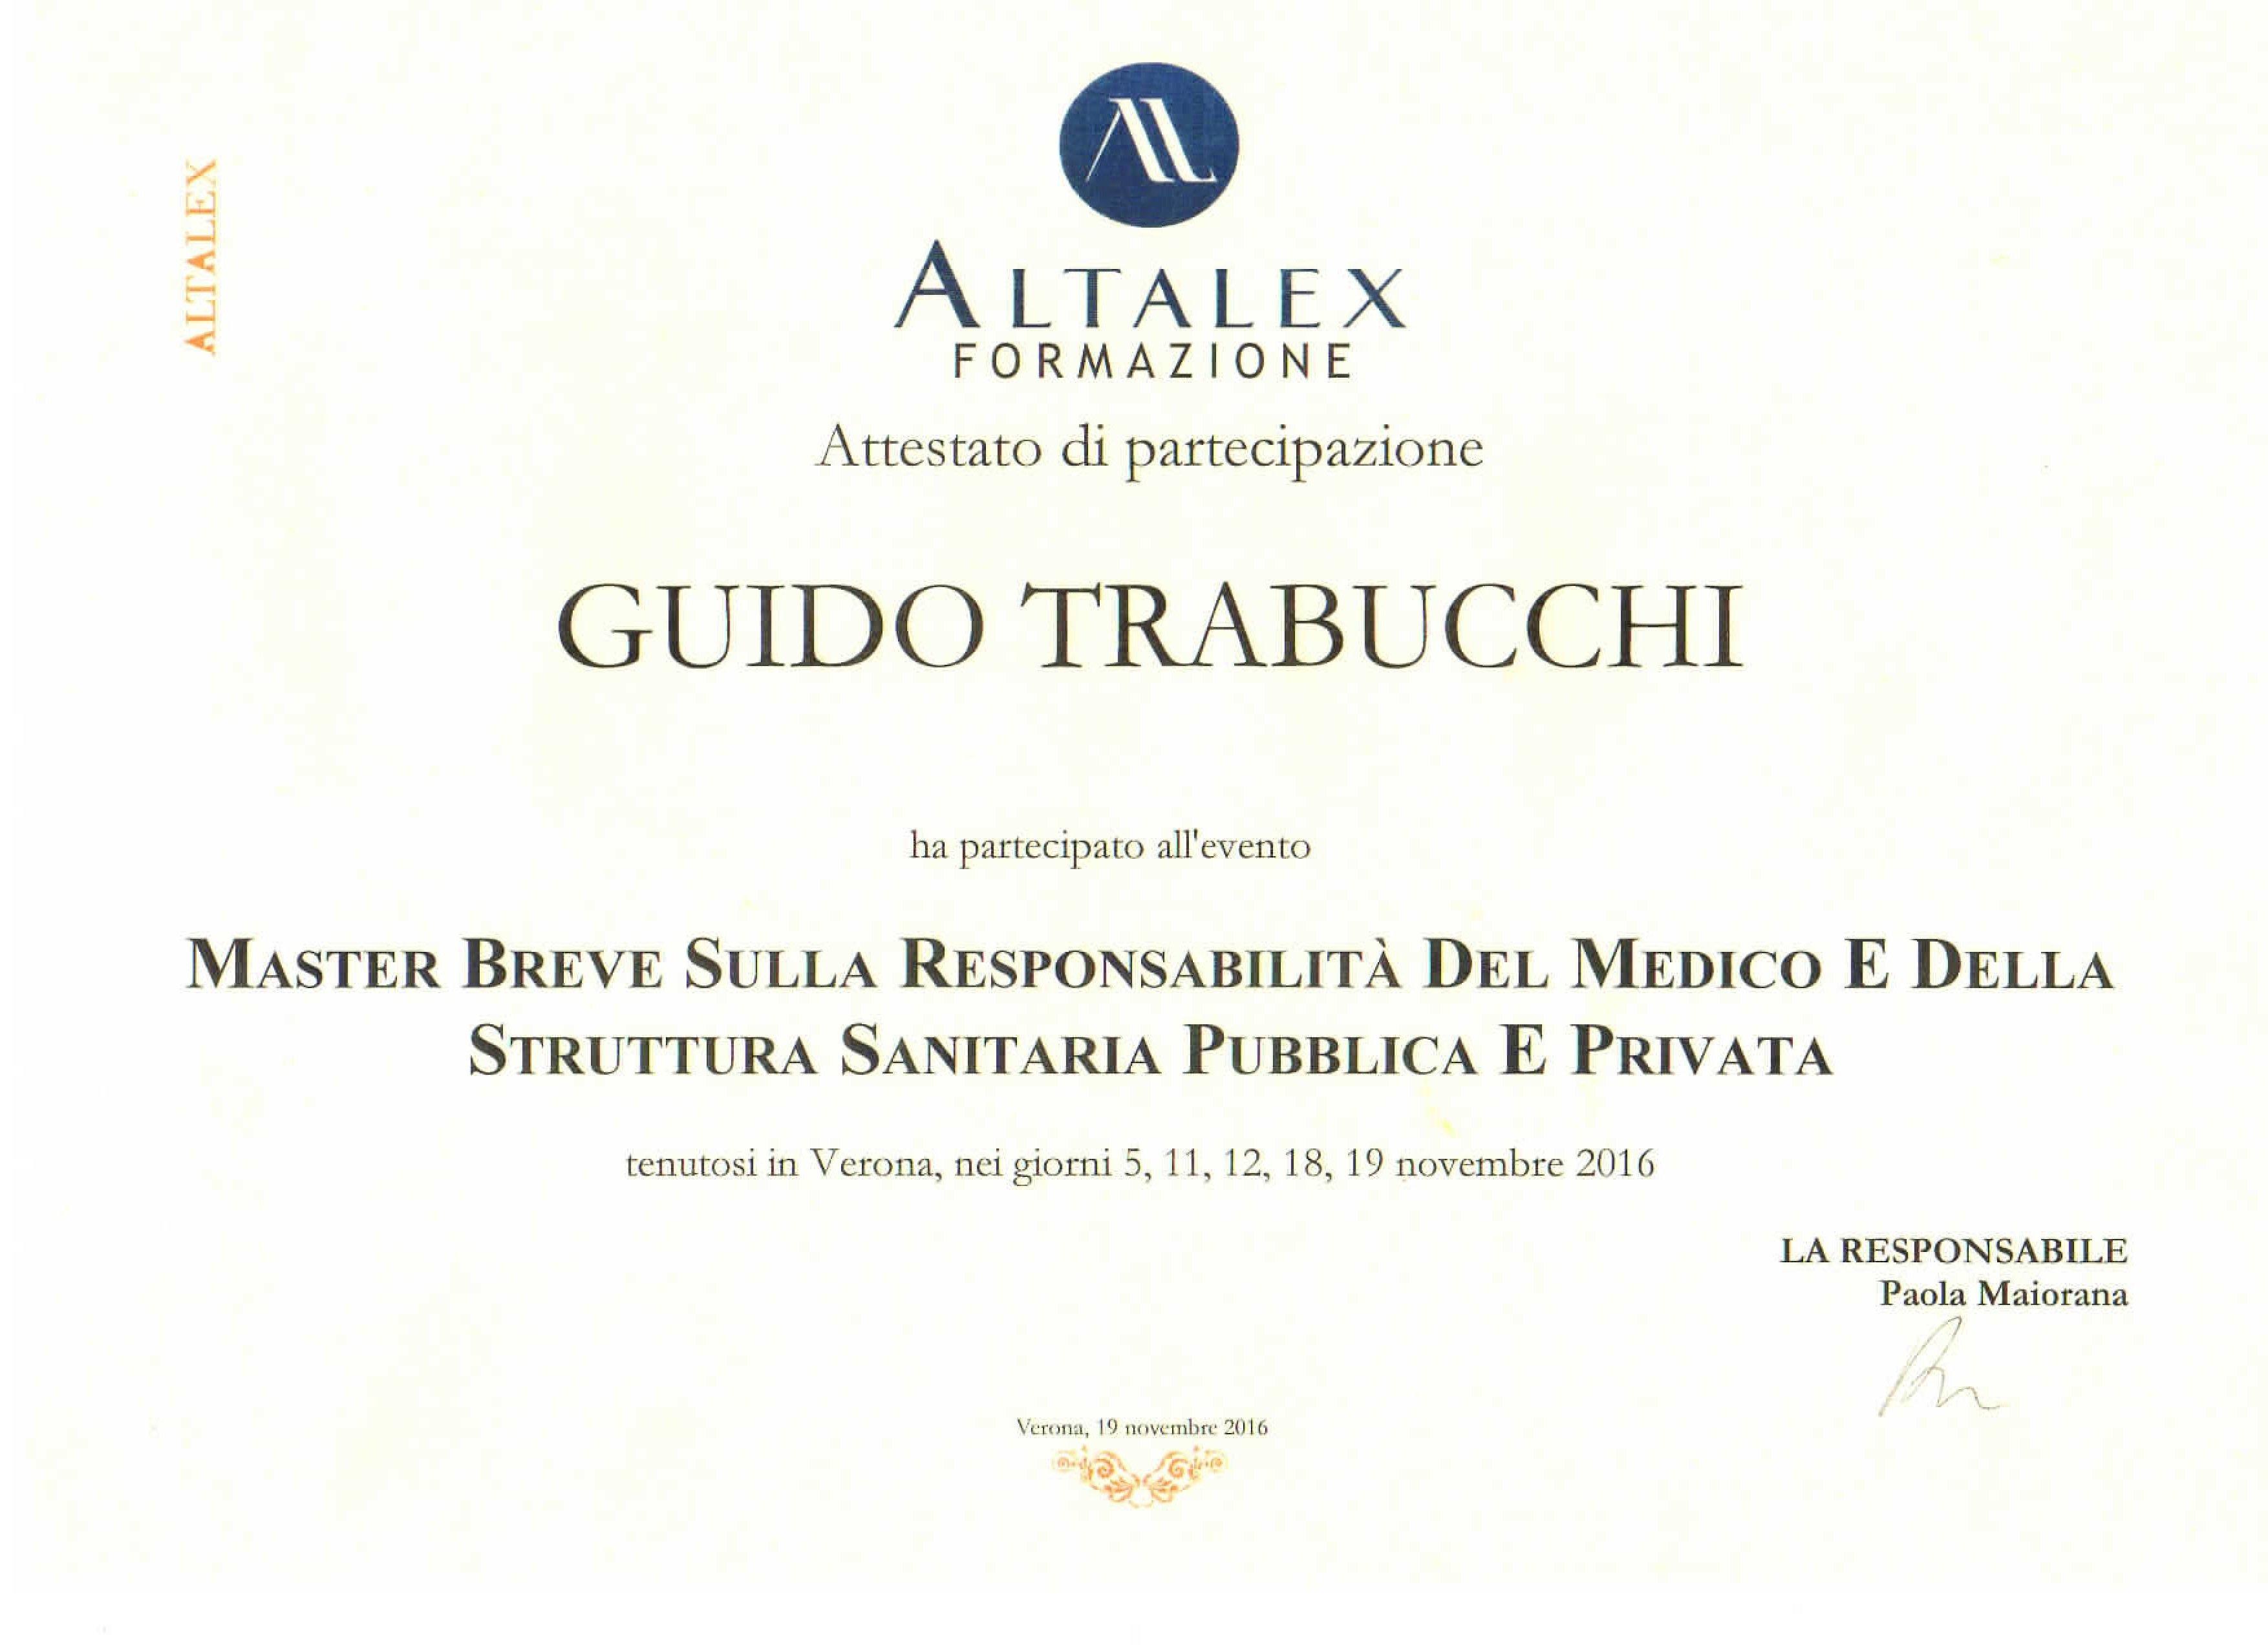 Attestato con logo AltaLex